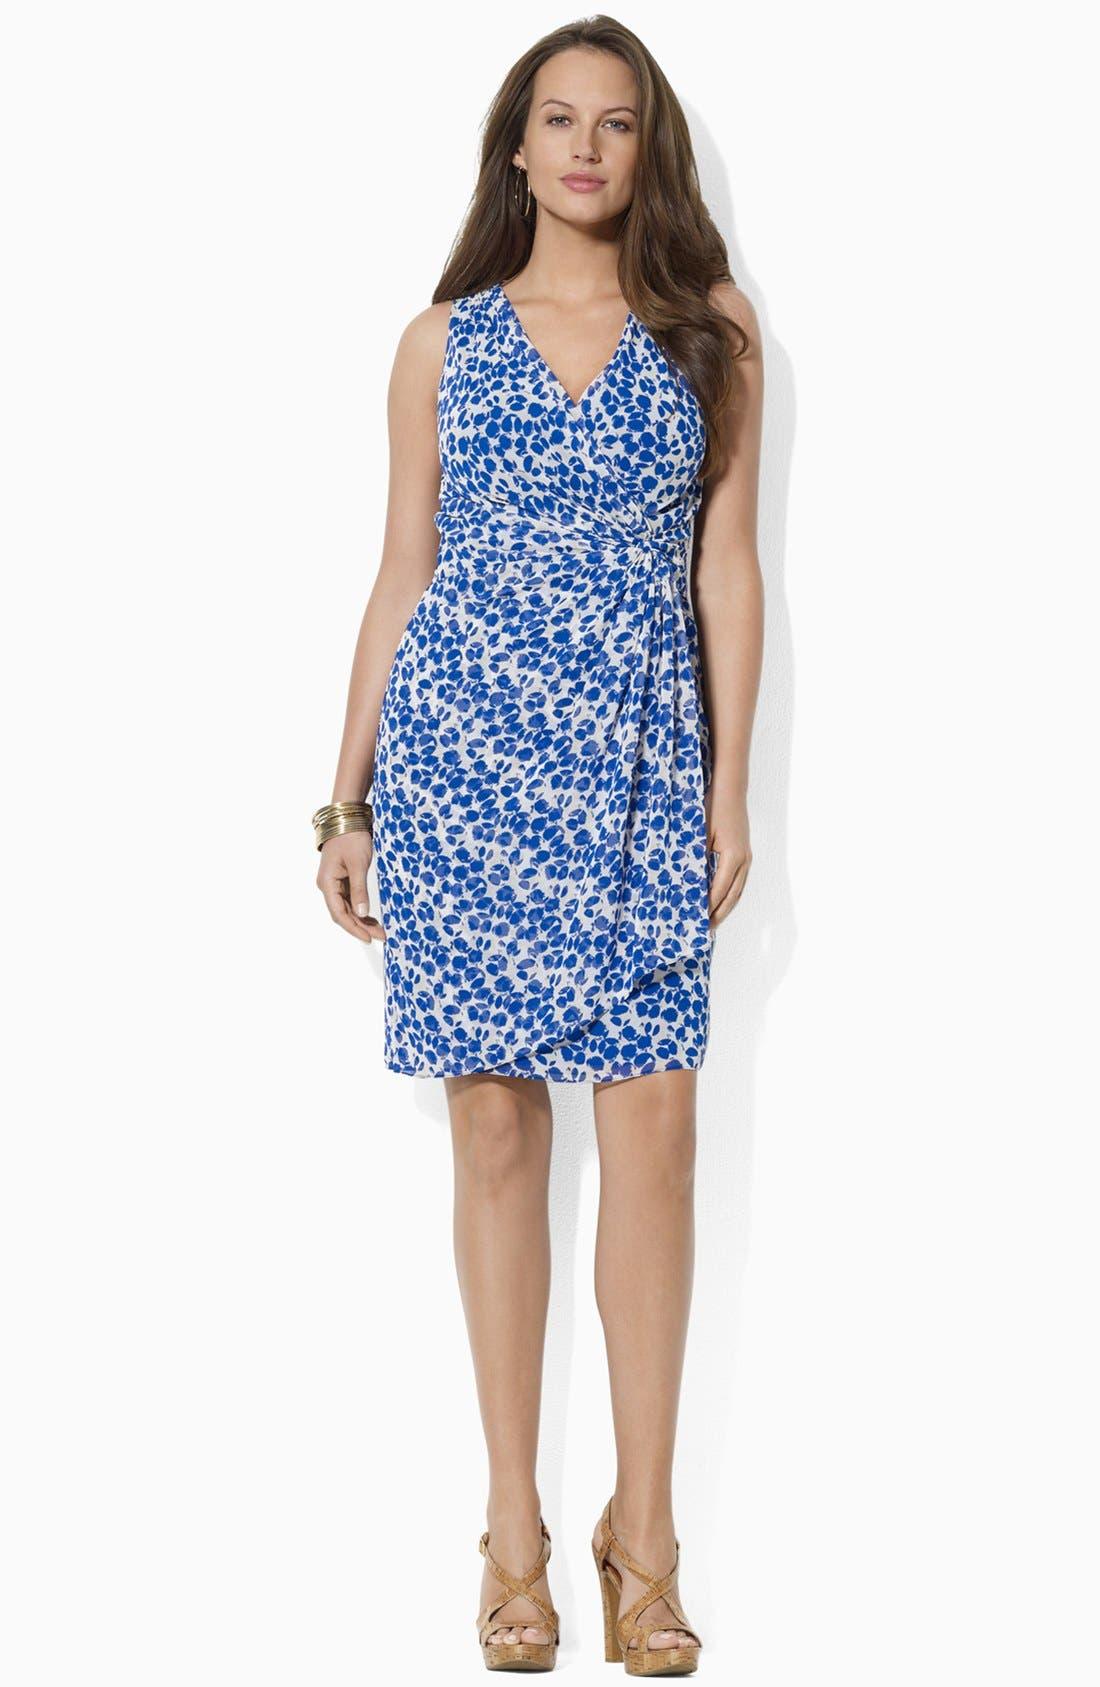 Alternate Image 1 Selected - Lauren Ralph Lauren Print Faux Wrap Chiffon Dress (Plus Size)